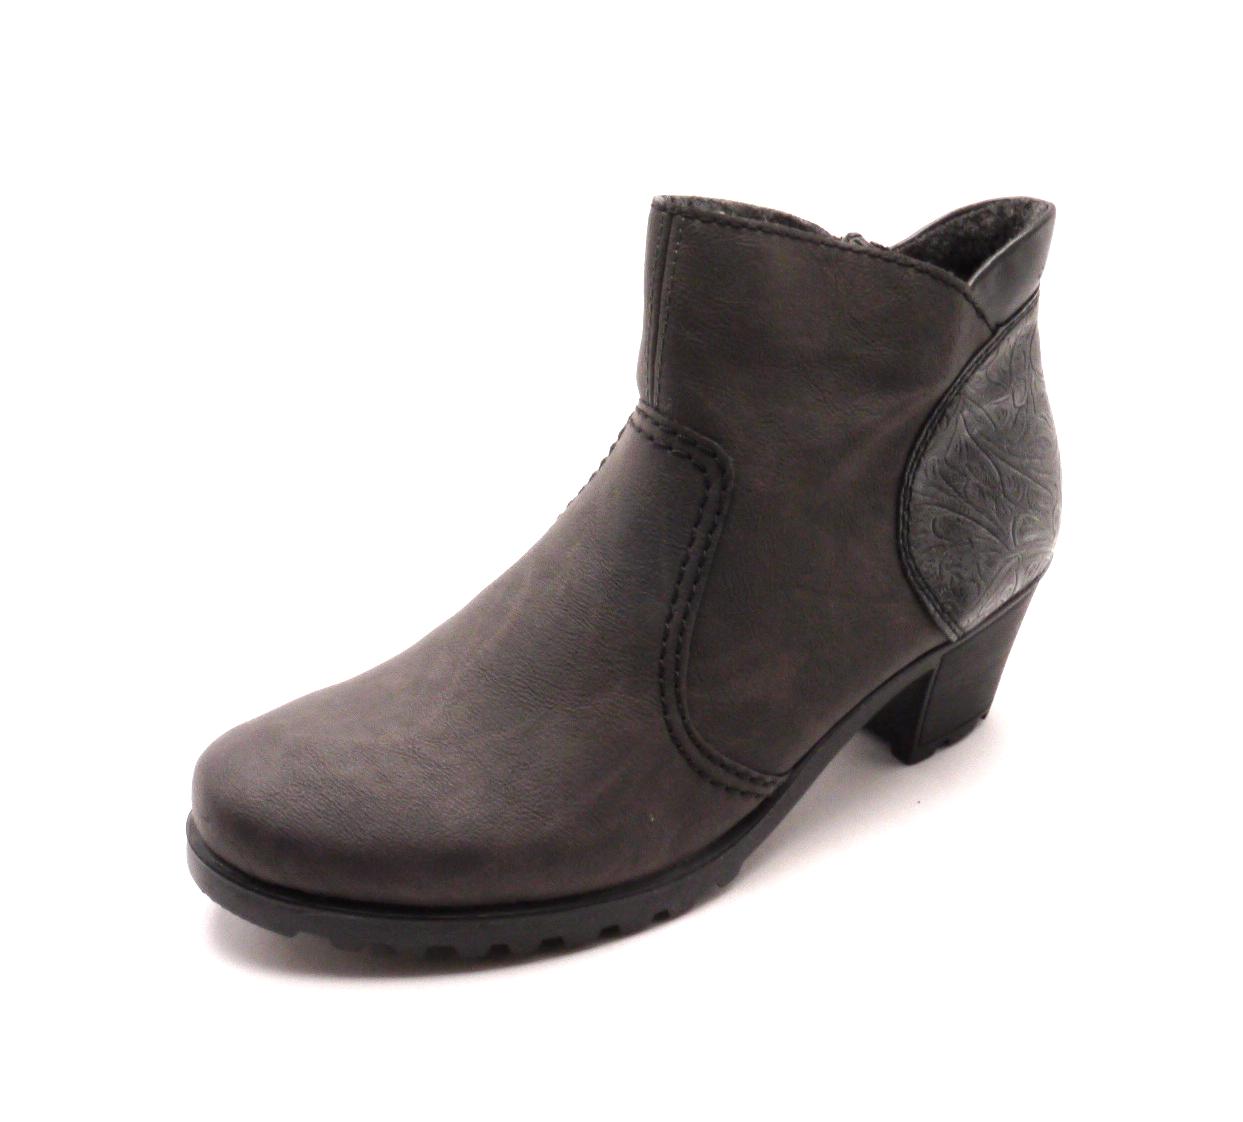 Rieker Dámské kotníkové boty s ozdobnou patou Y8060-46 Velikost: 36